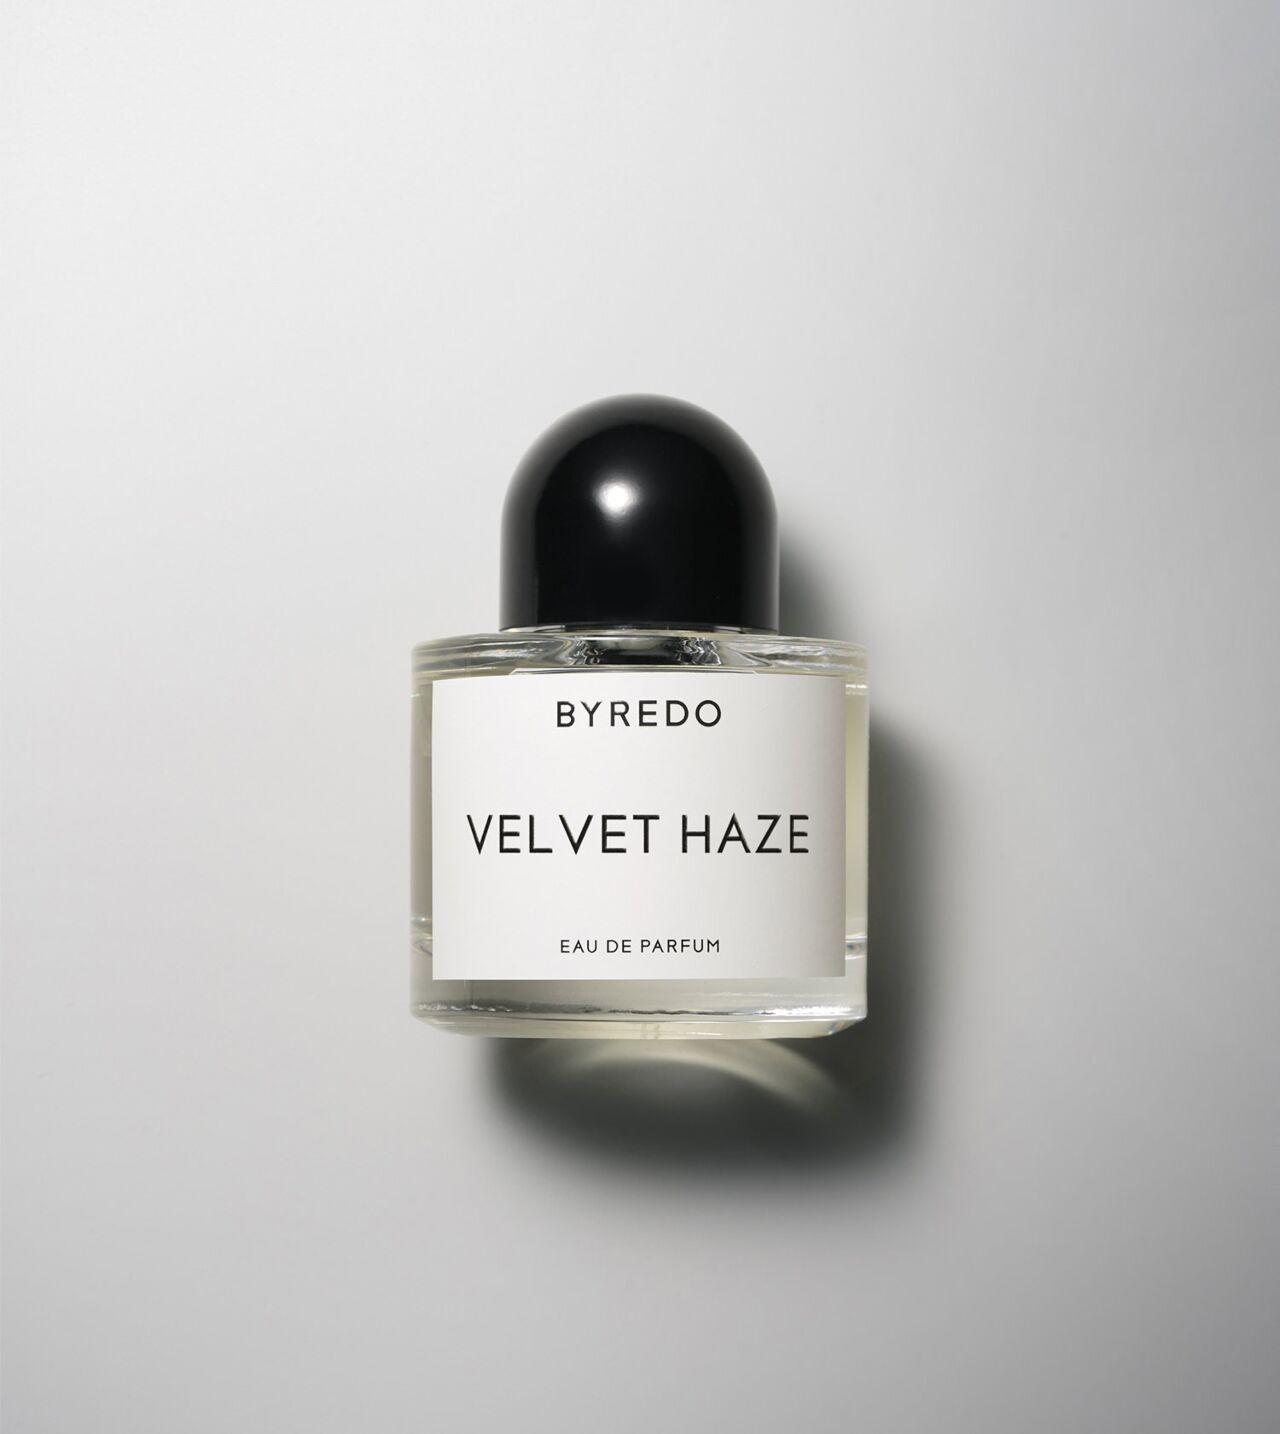 Picture of Byredo Velvet Haze Eau de Parfum 50ml